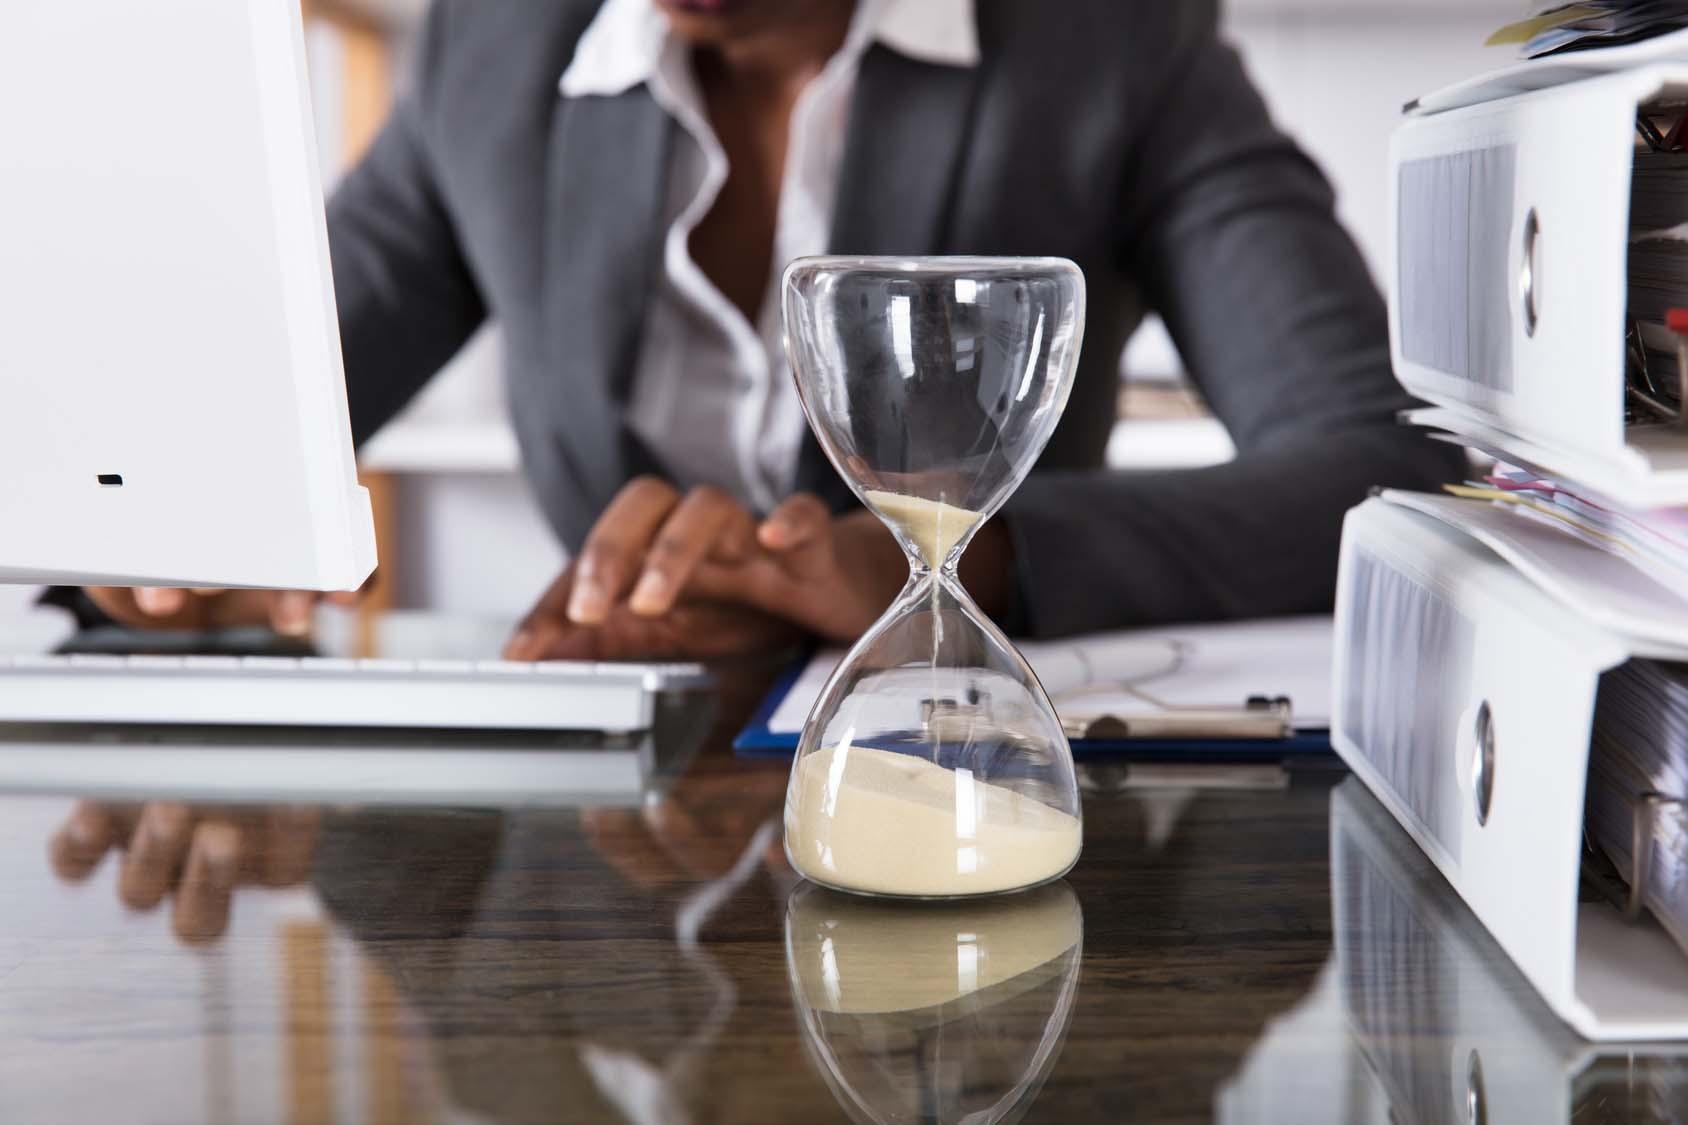 Einladung zur Jahreshauptversammlung zu spät versendet – Versammlung verschoben